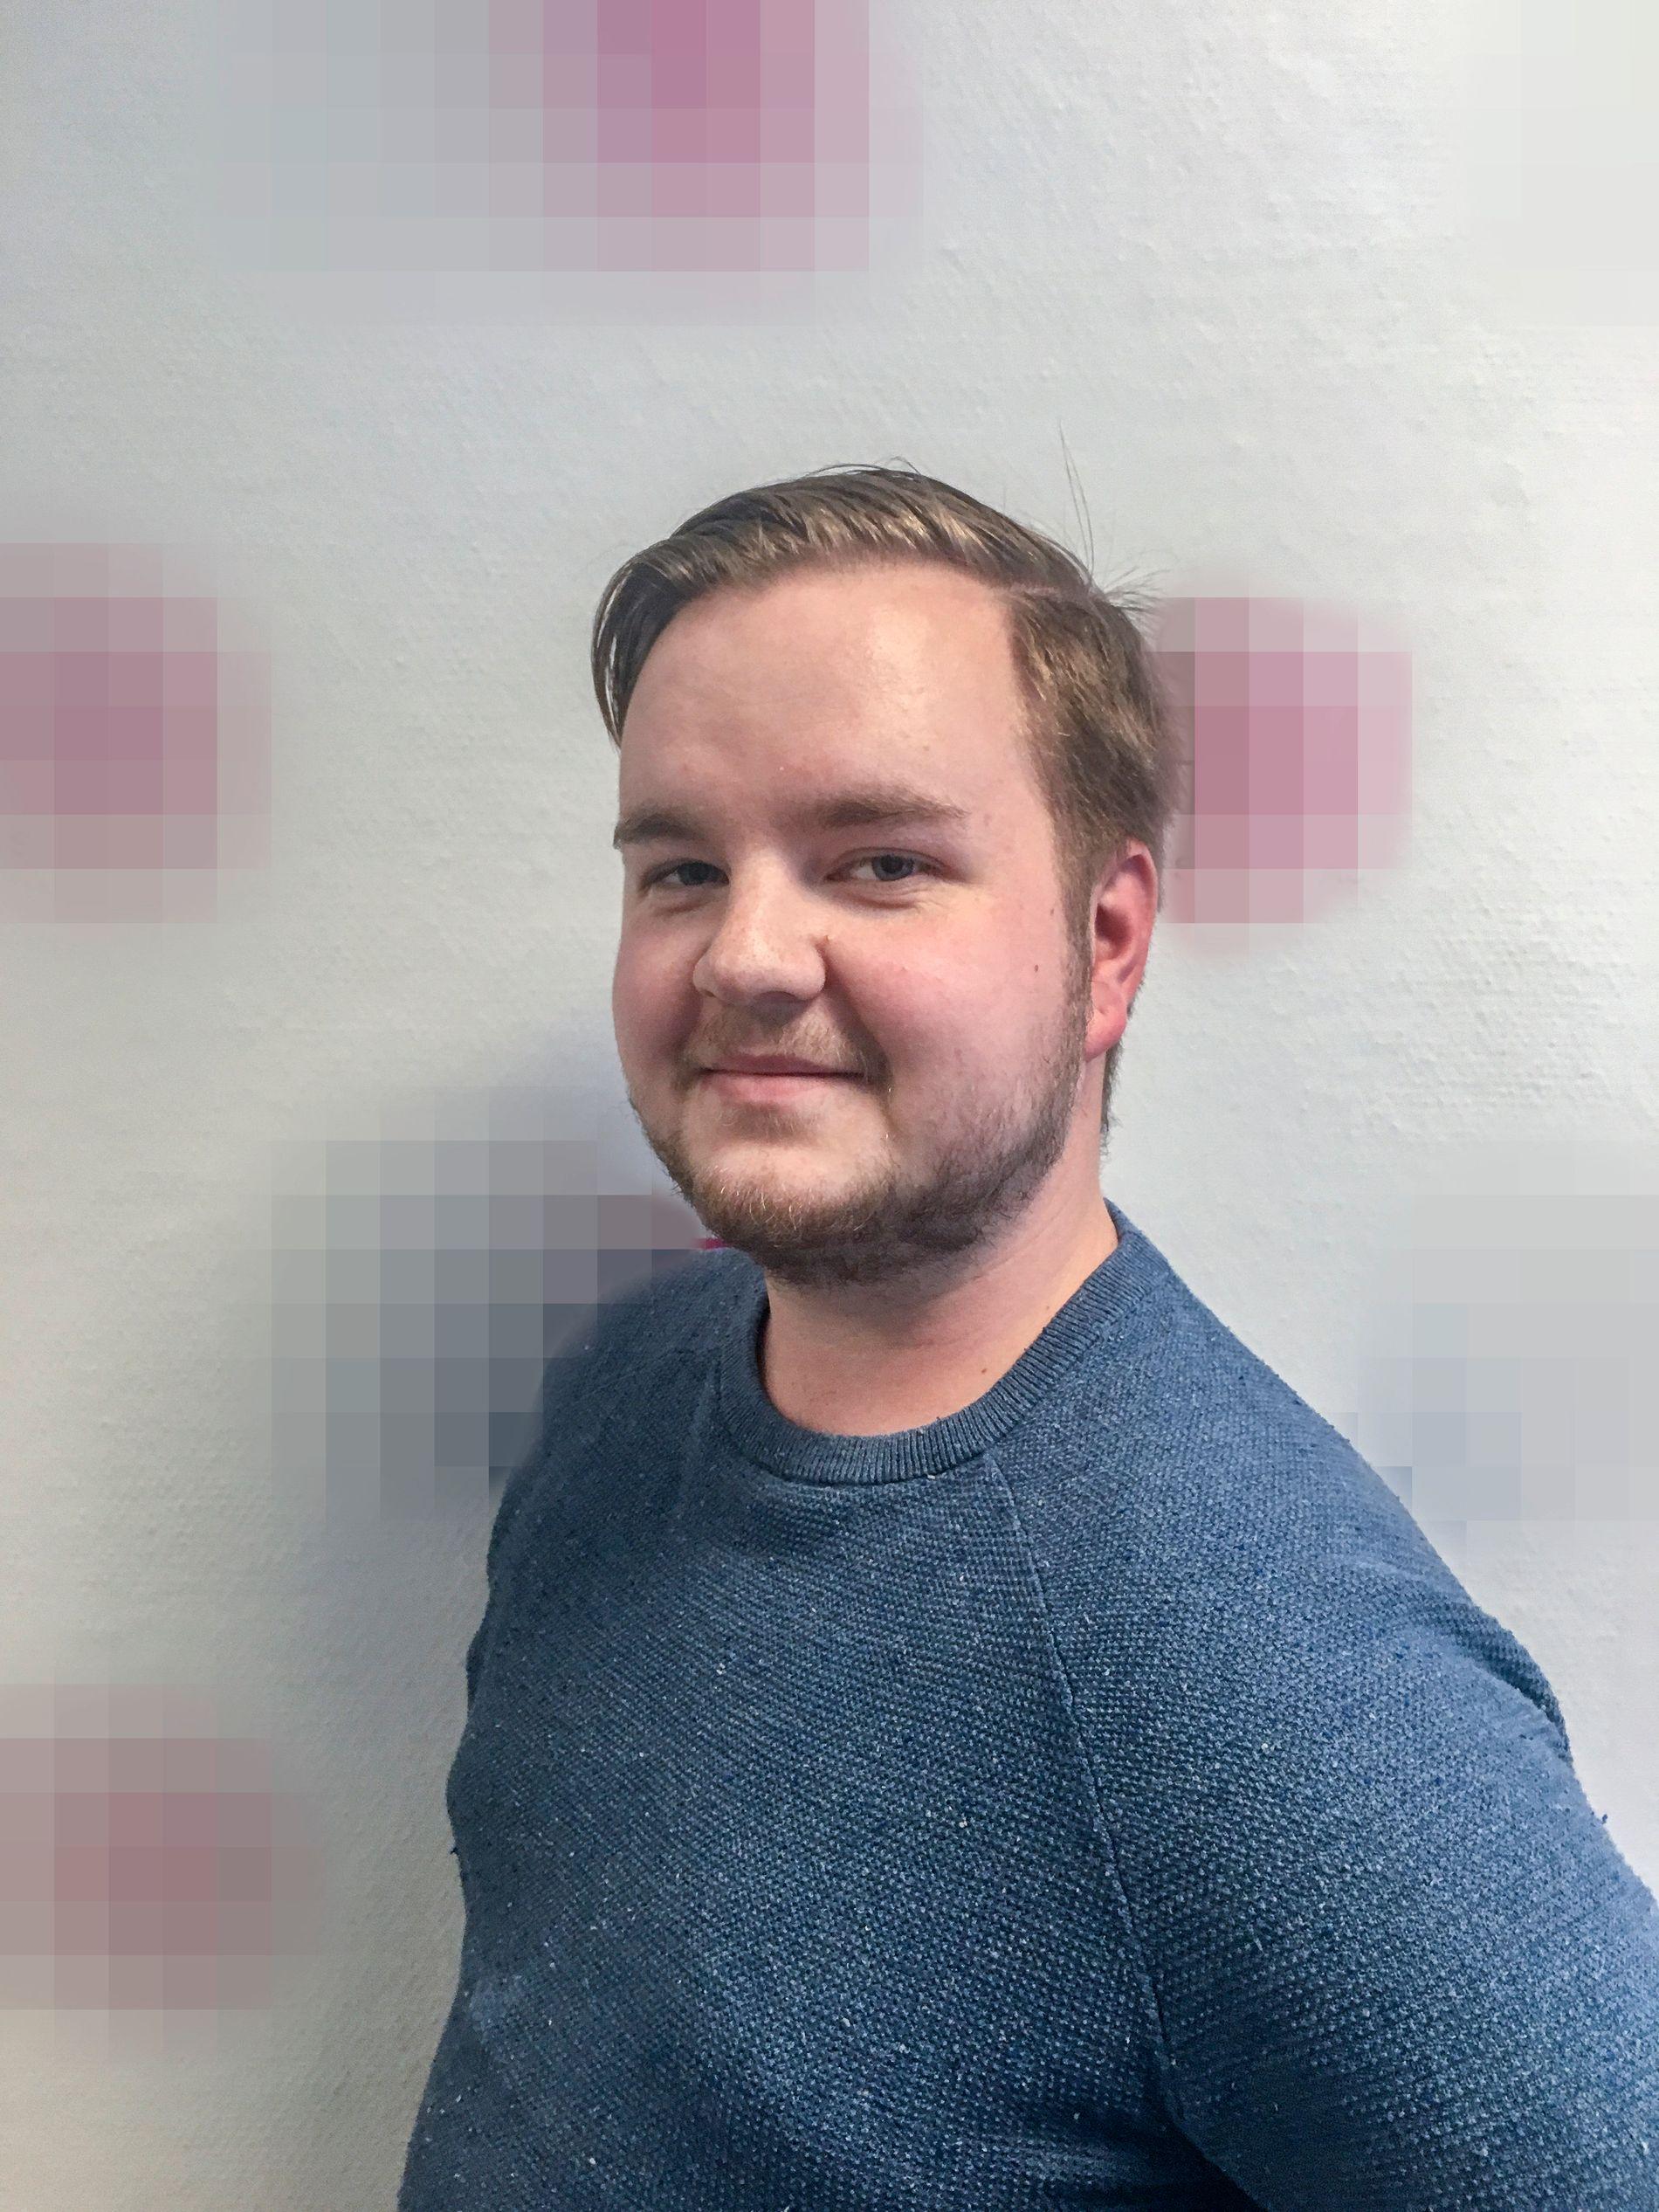 KNIVSTUKKET: Heikki Bjørklund Paltto ble drept i en leilighet i Oslo. Den mistenkte ble pågrepet av politiet i Frankrike en uke senere.